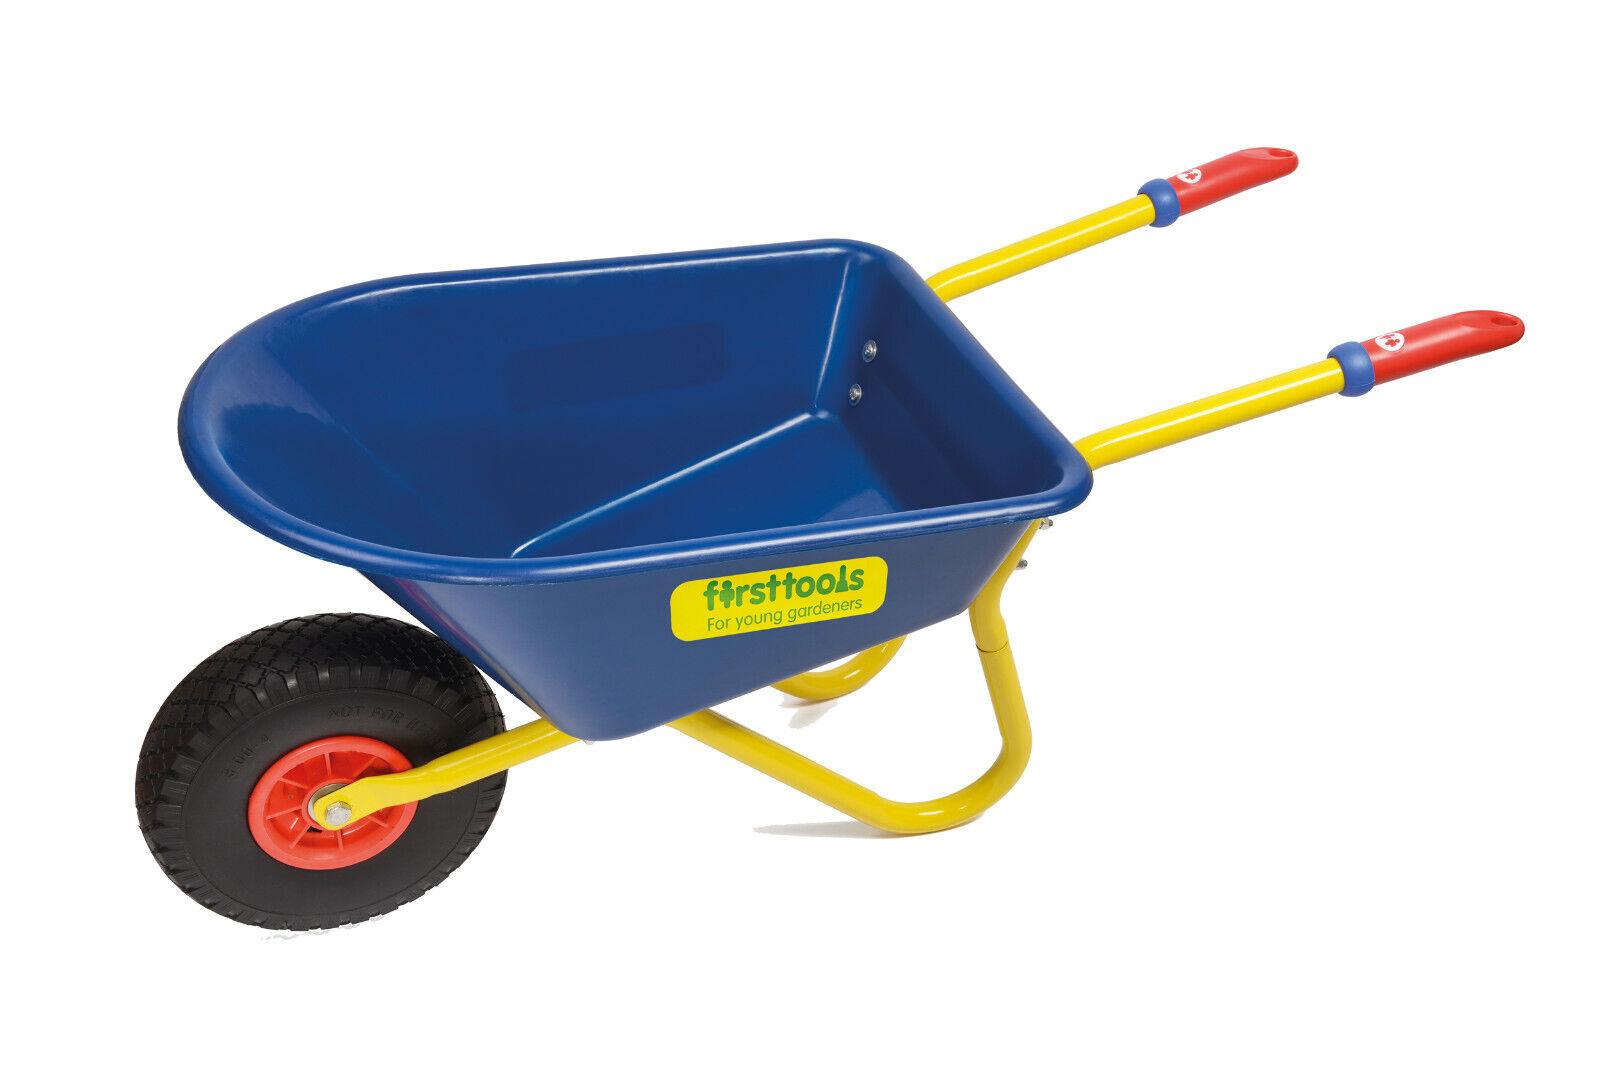 First Tools Schubkarre Kinder blau gelb Neu Kunststoff stabil ab 3 J KIGA  KITA